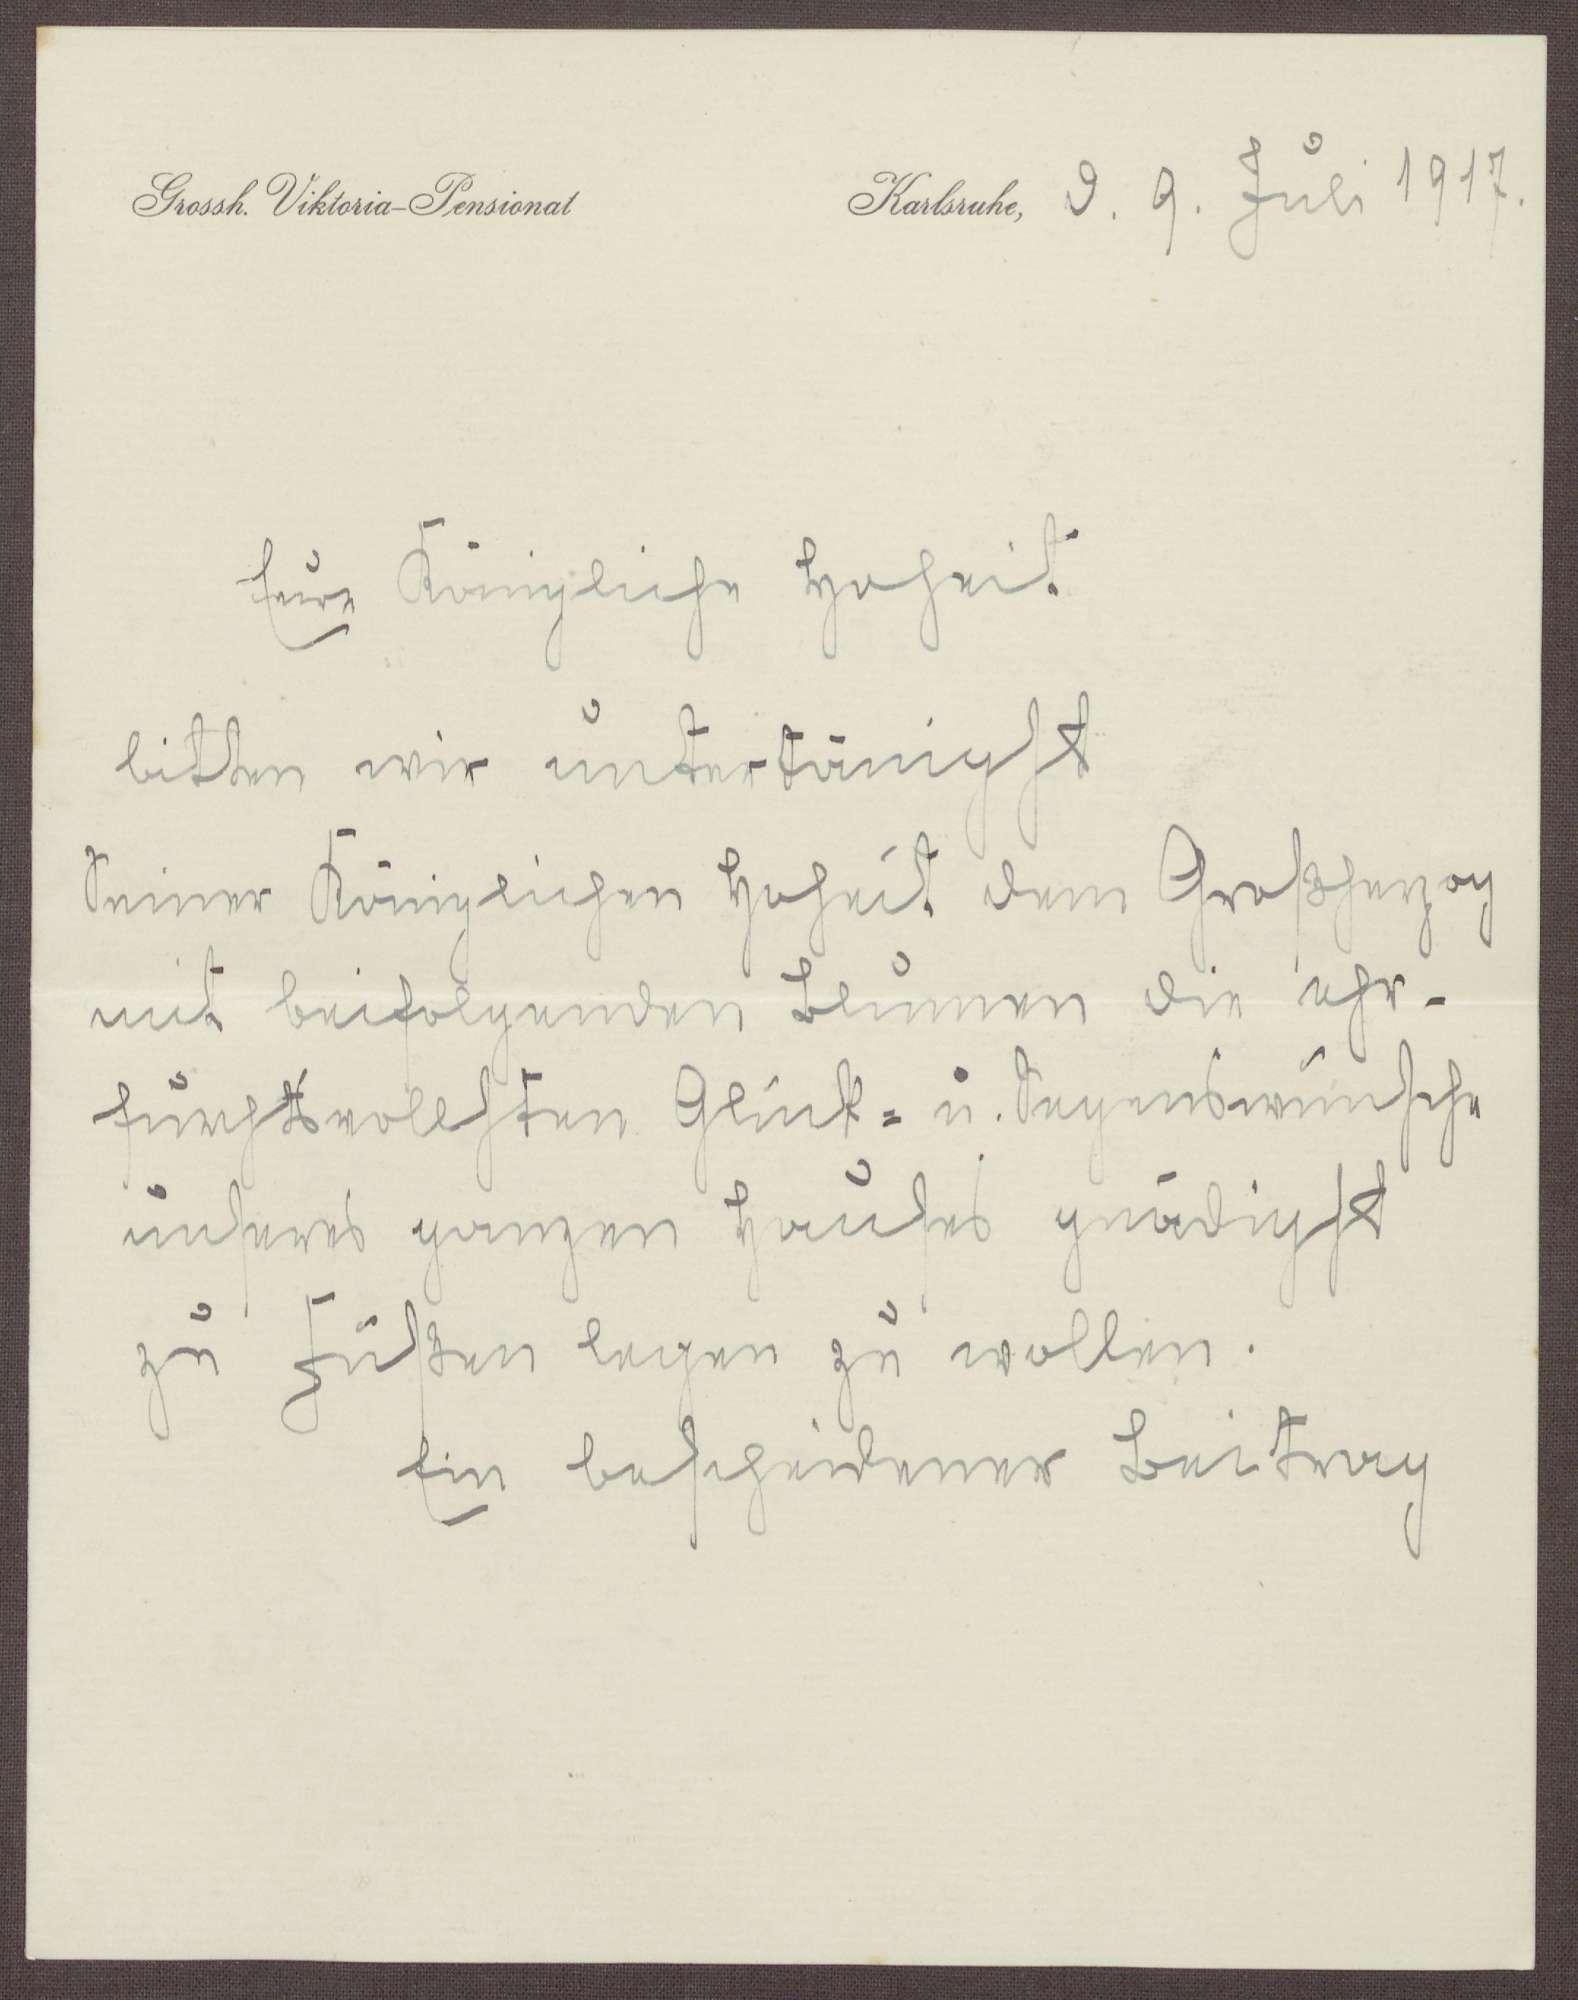 Schreiben von Emilie Göler an die Großherzogin Luise; Geburtstagswünsche für den Großherzog Friedrich II., Bild 1